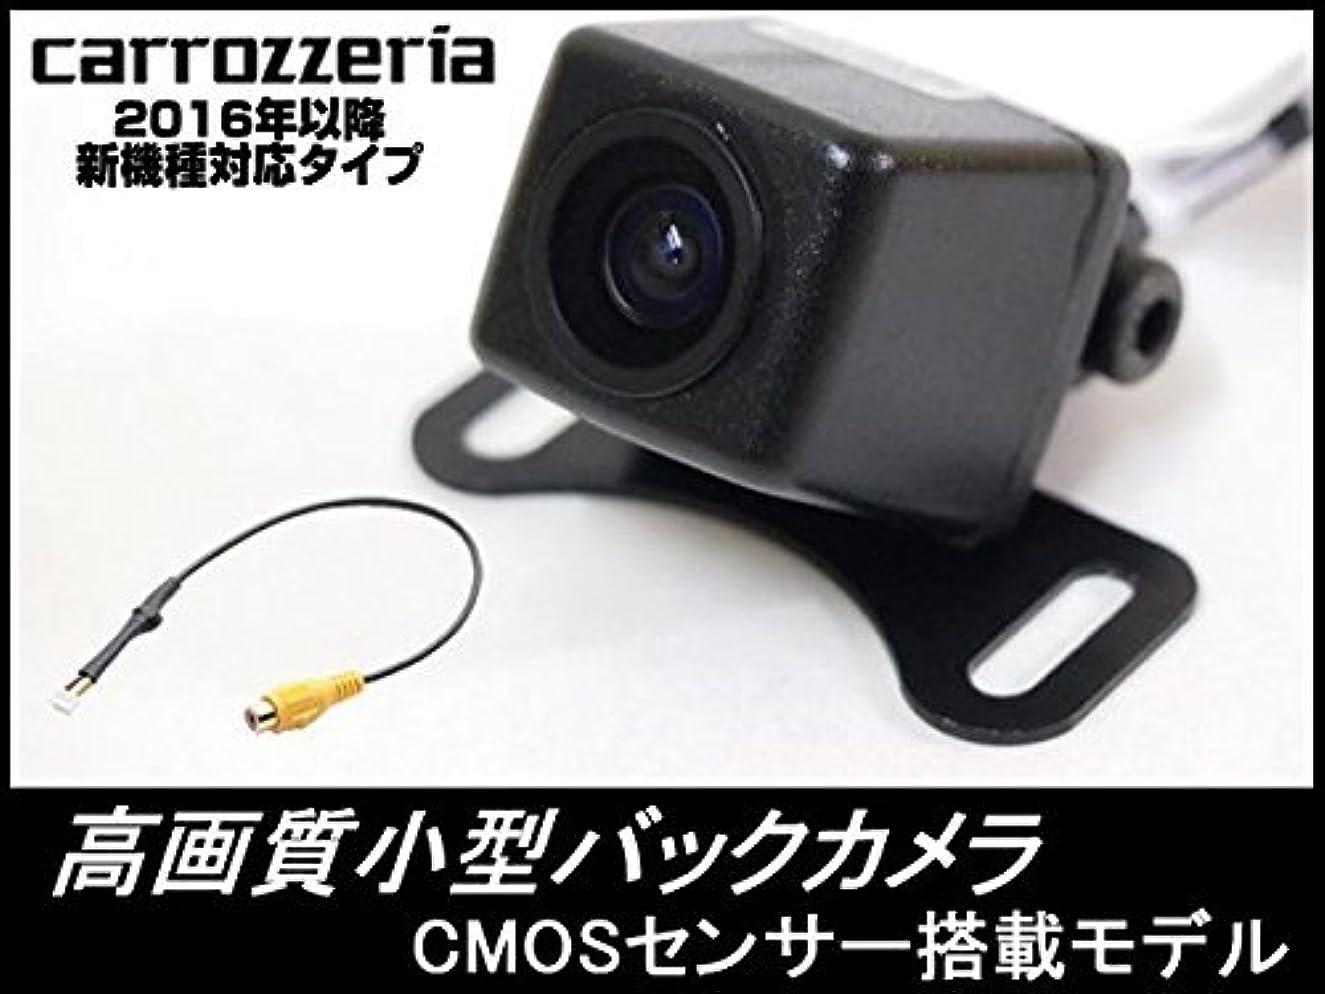 項目左ホテルAVIC-CE900AL 対応 高画質 バックカメラ 車載用バックカメラ 広角170° 超高精細 CMOS センサー ガイドライン無し